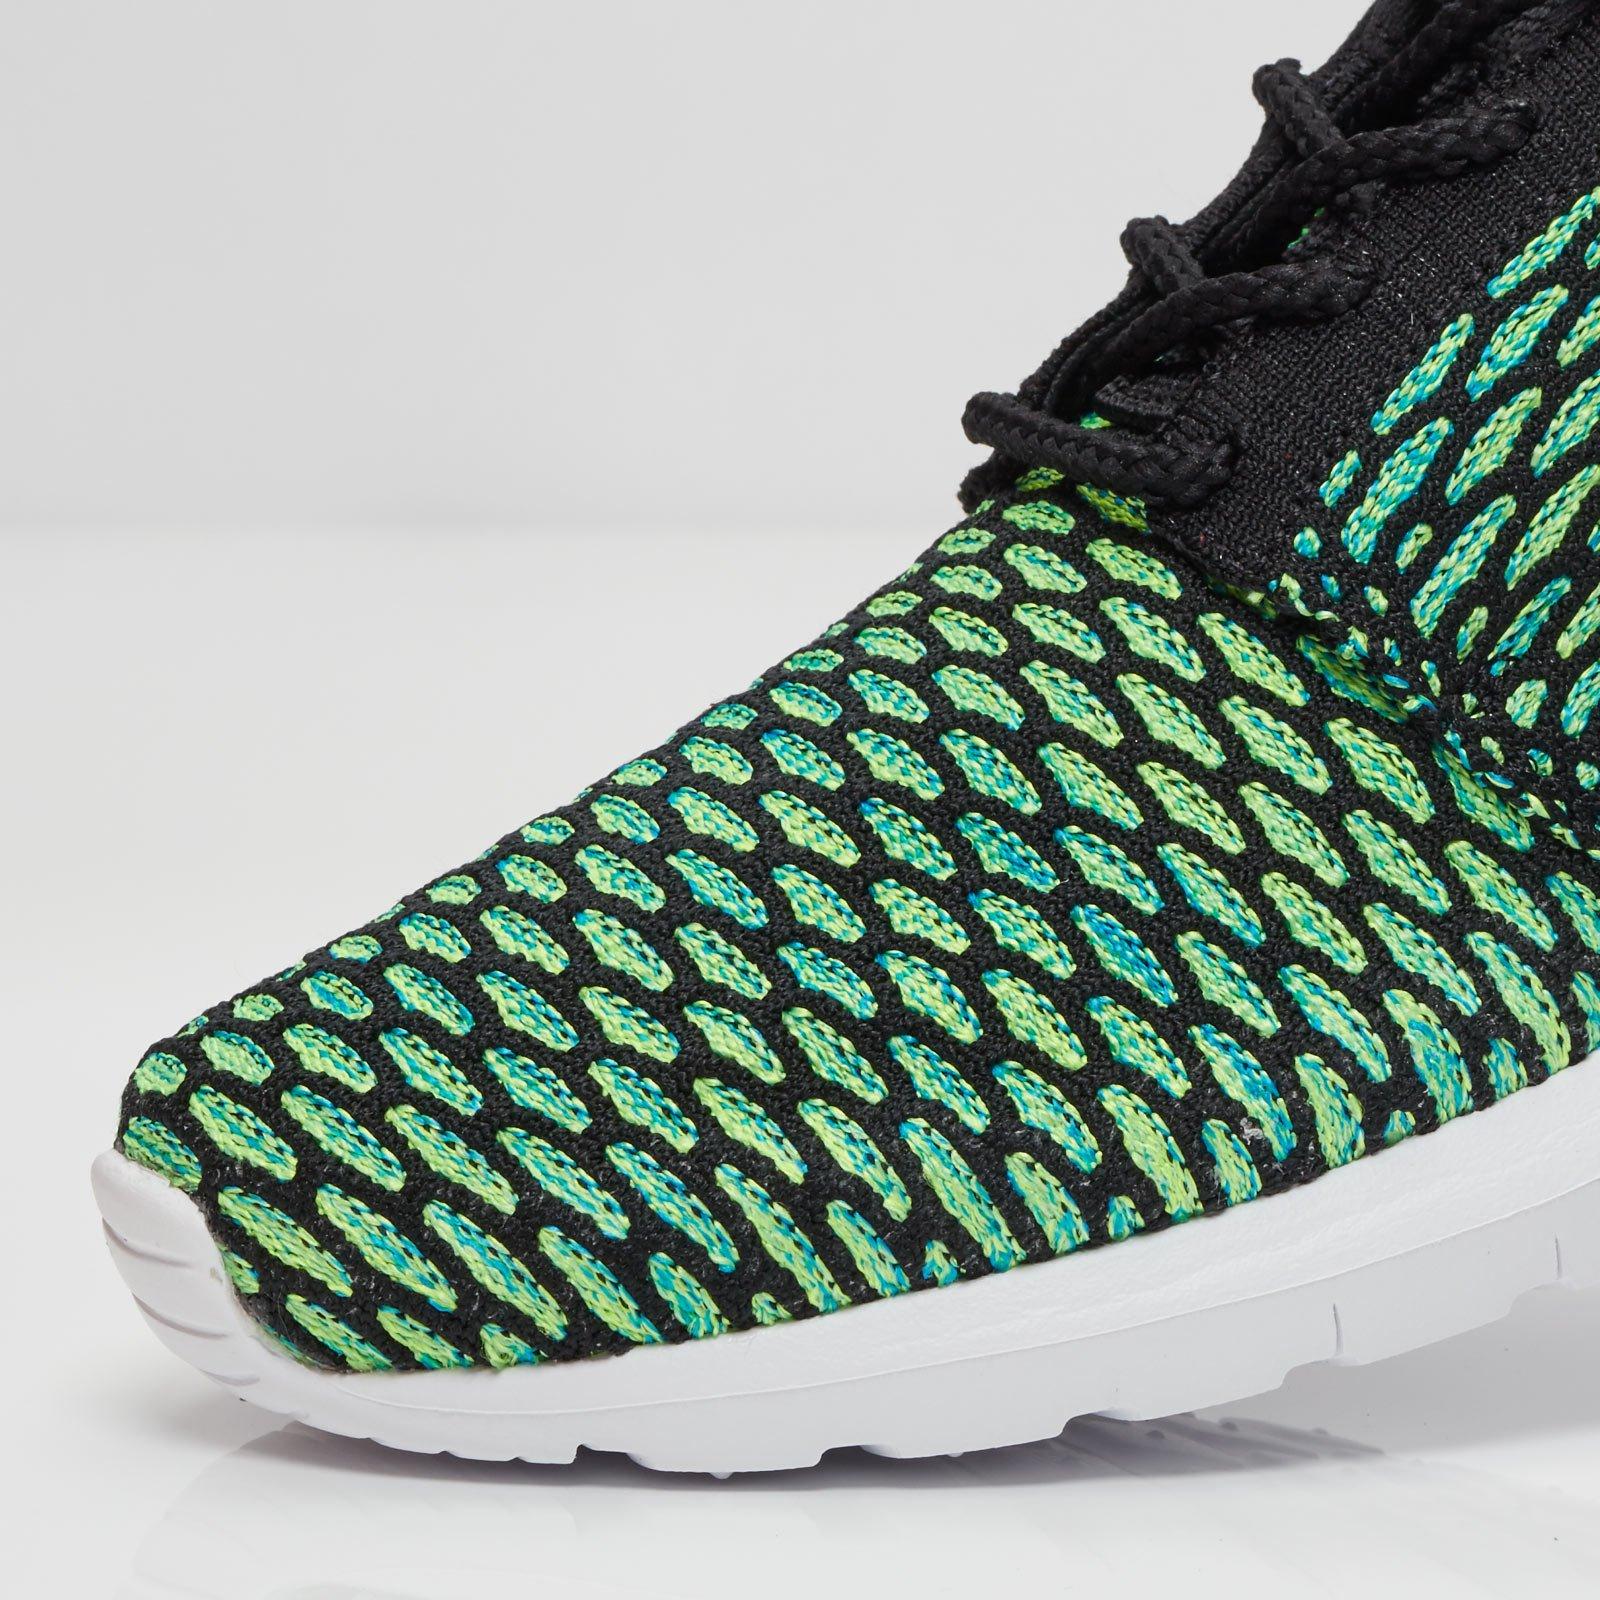 cheap for discount 14c54 2c27f Nike Roshe NM Flyknit - 677243-017 - Sneakersnstuff   sneakers   streetwear  online since 1999